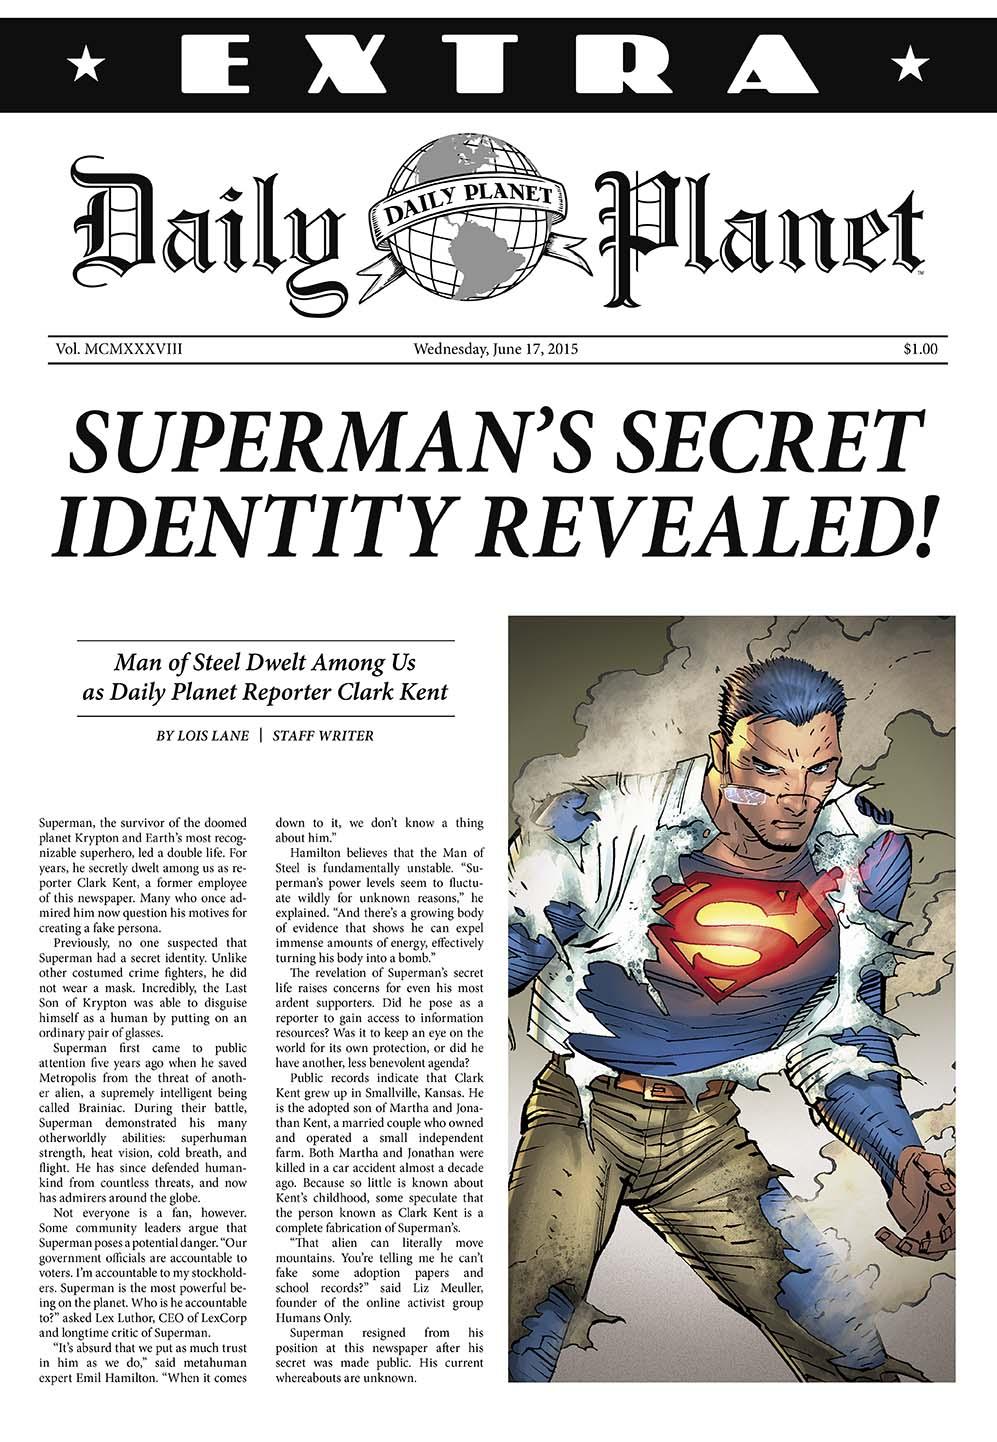 lois_lane_superman_artikel